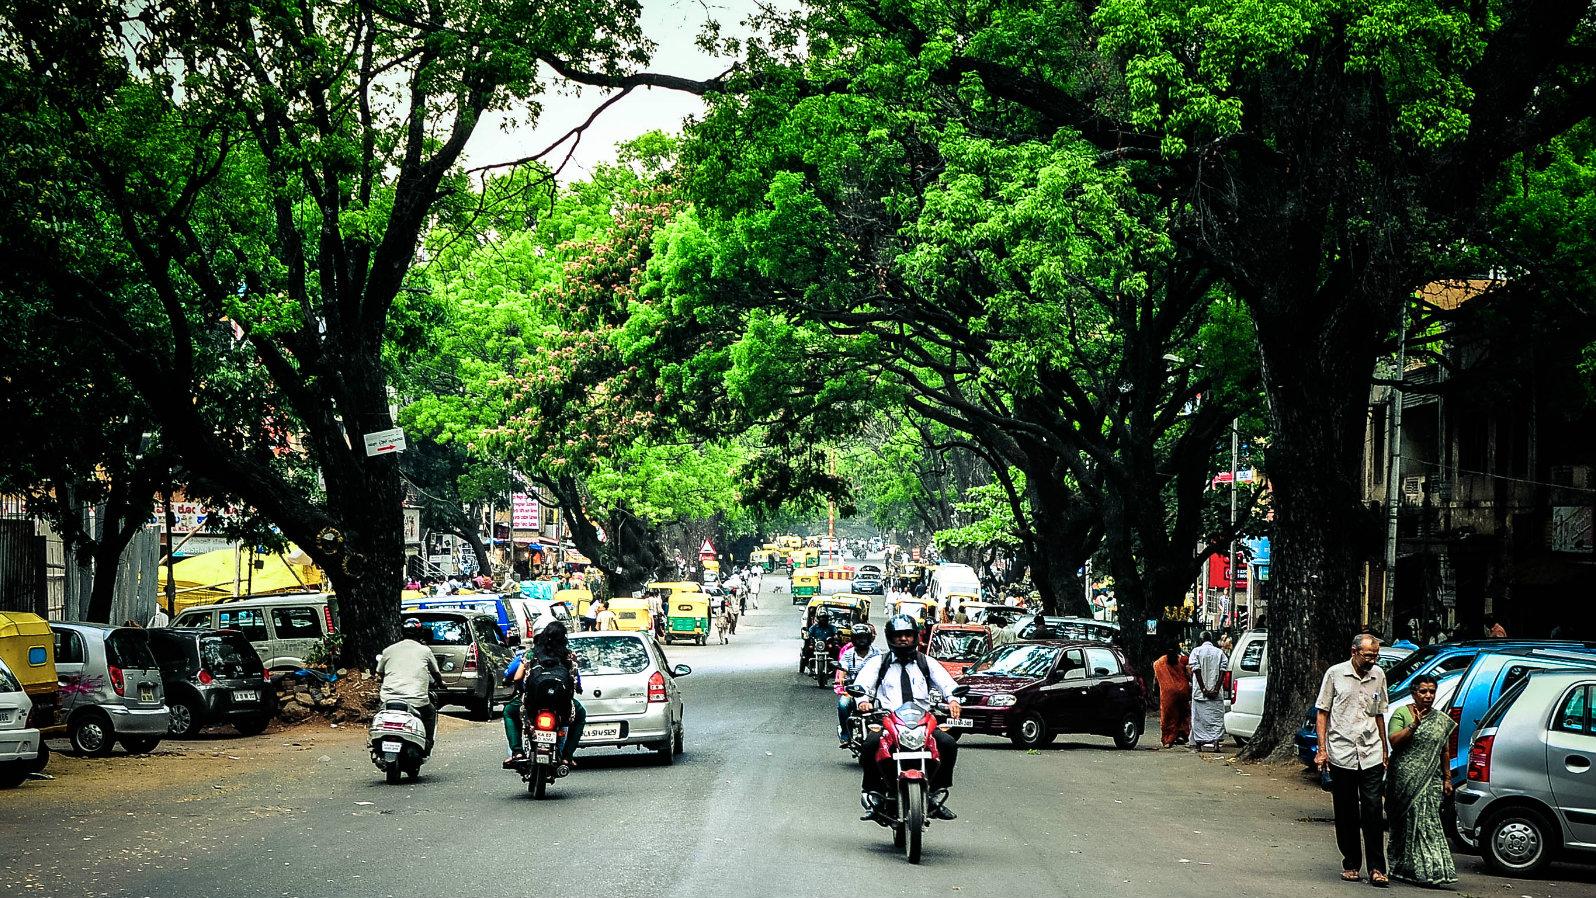 India-Bengaluru-trees